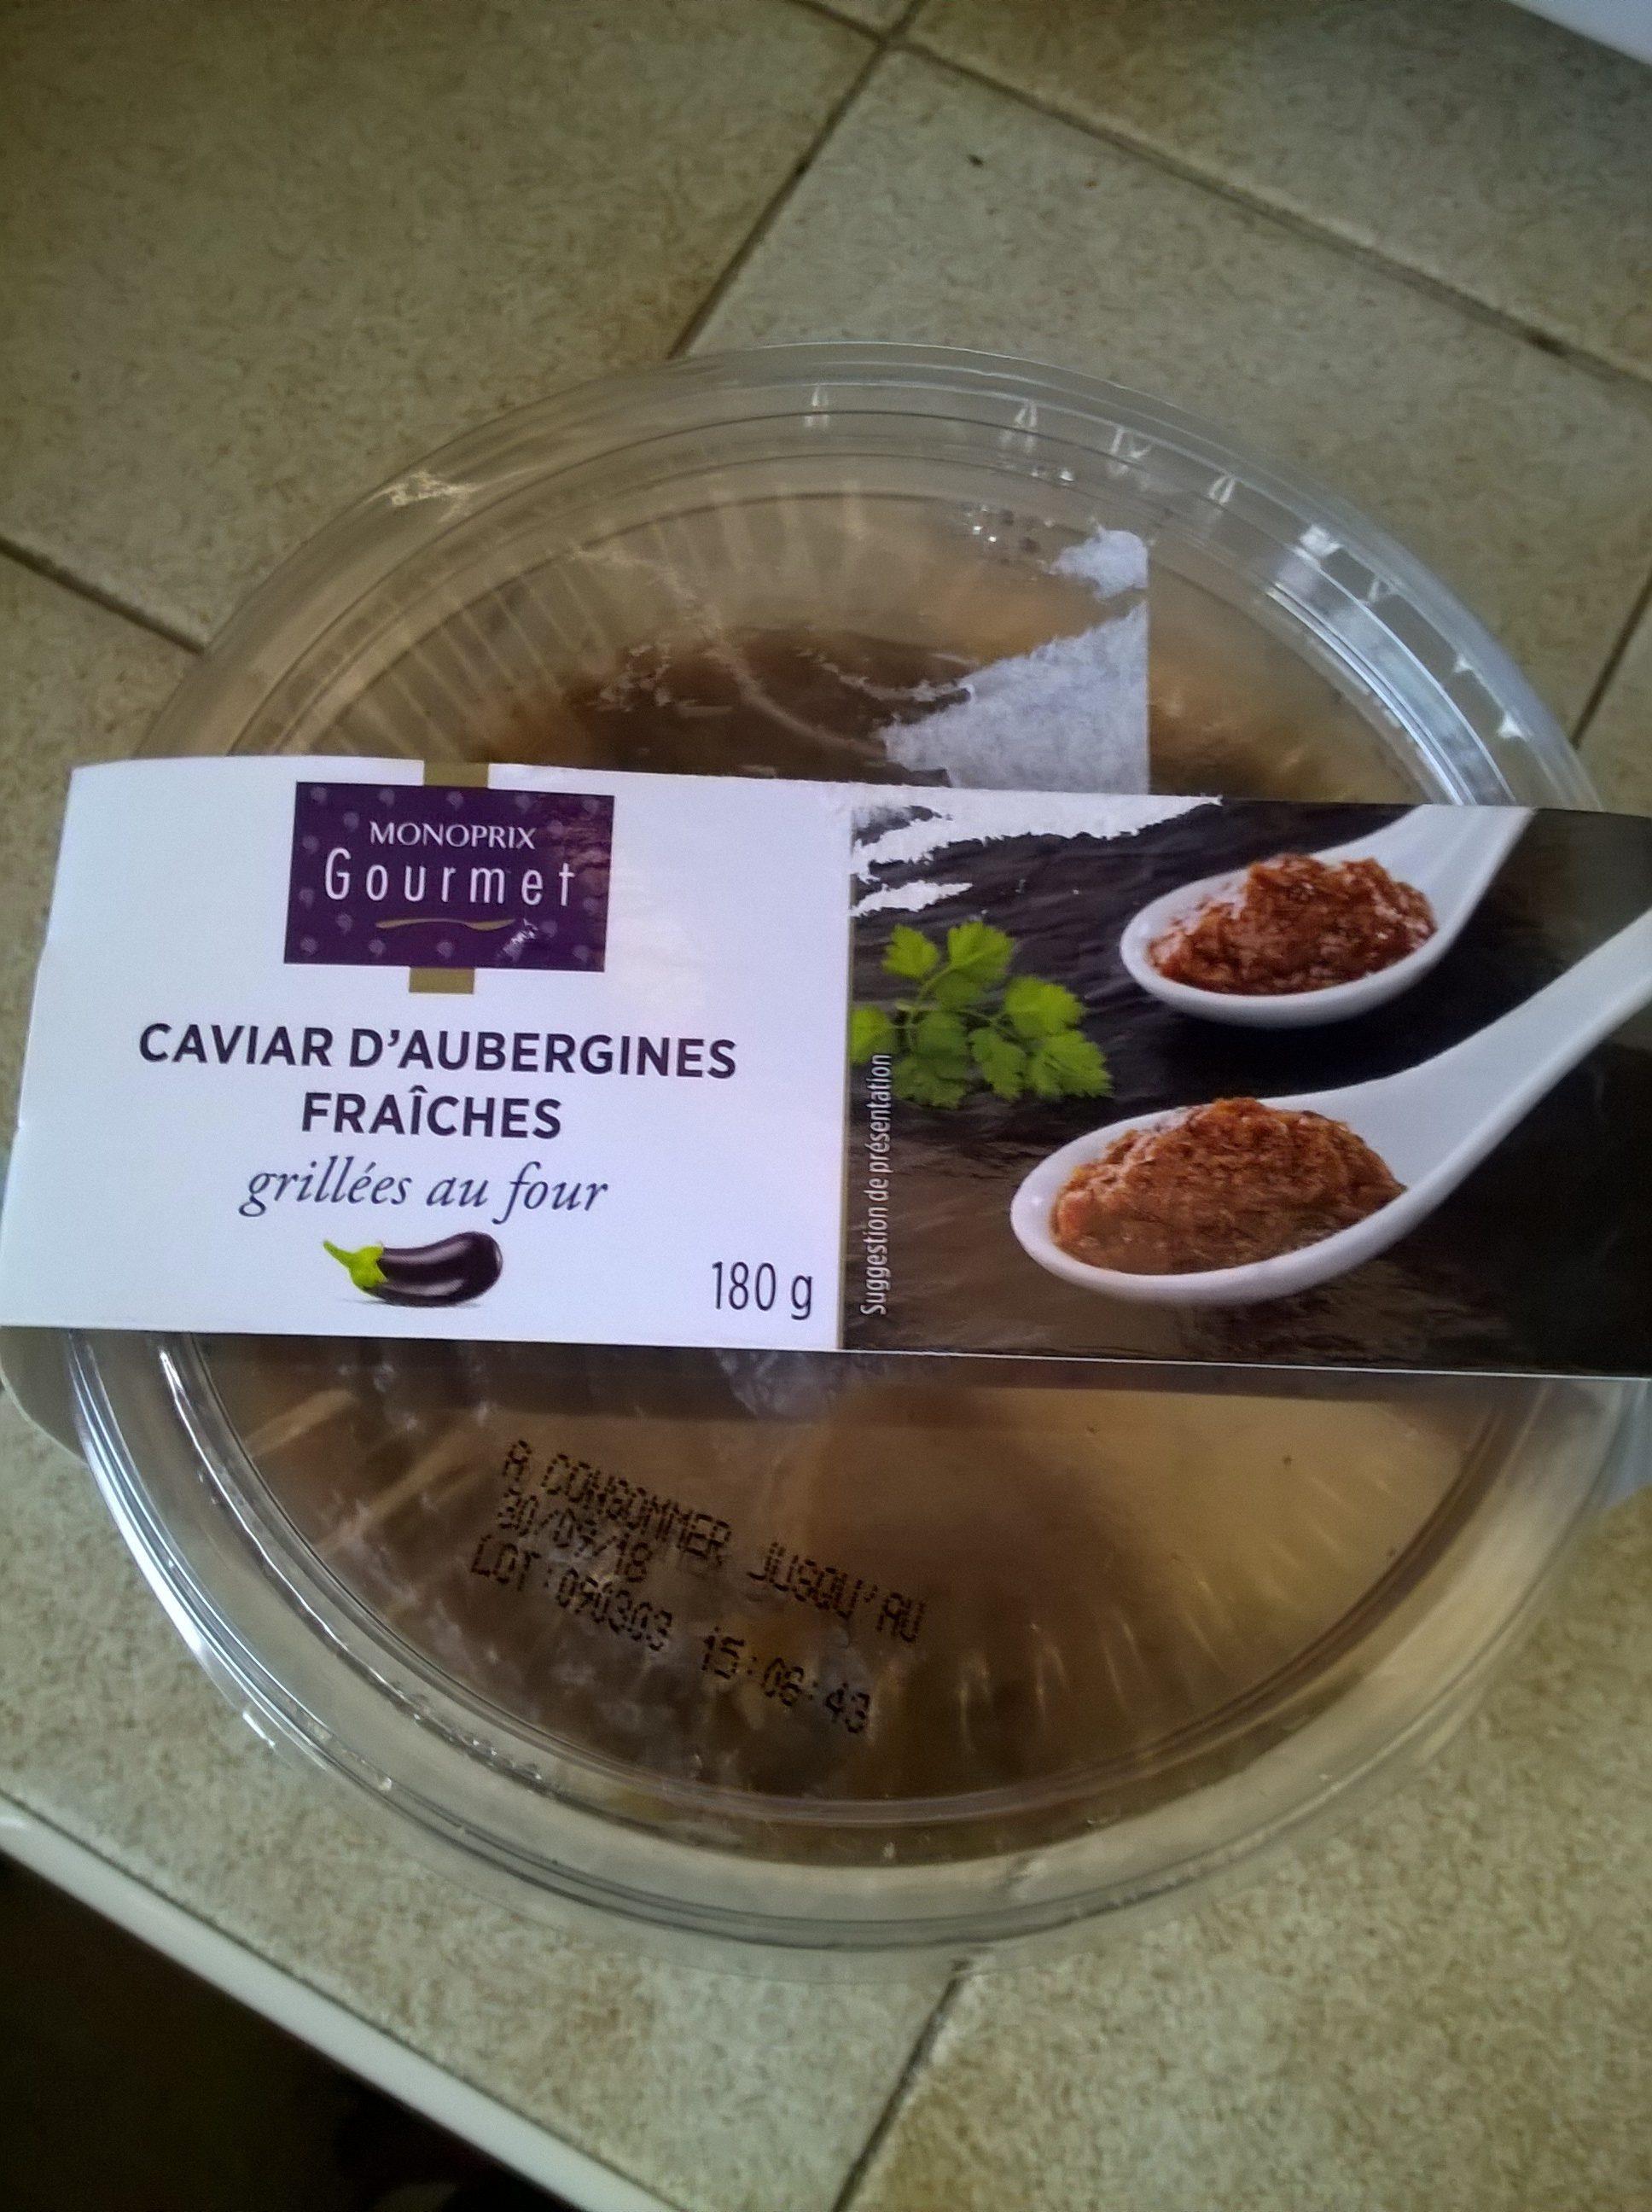 Caviar d'aubergines fraîches grillées au four - Produit - fr